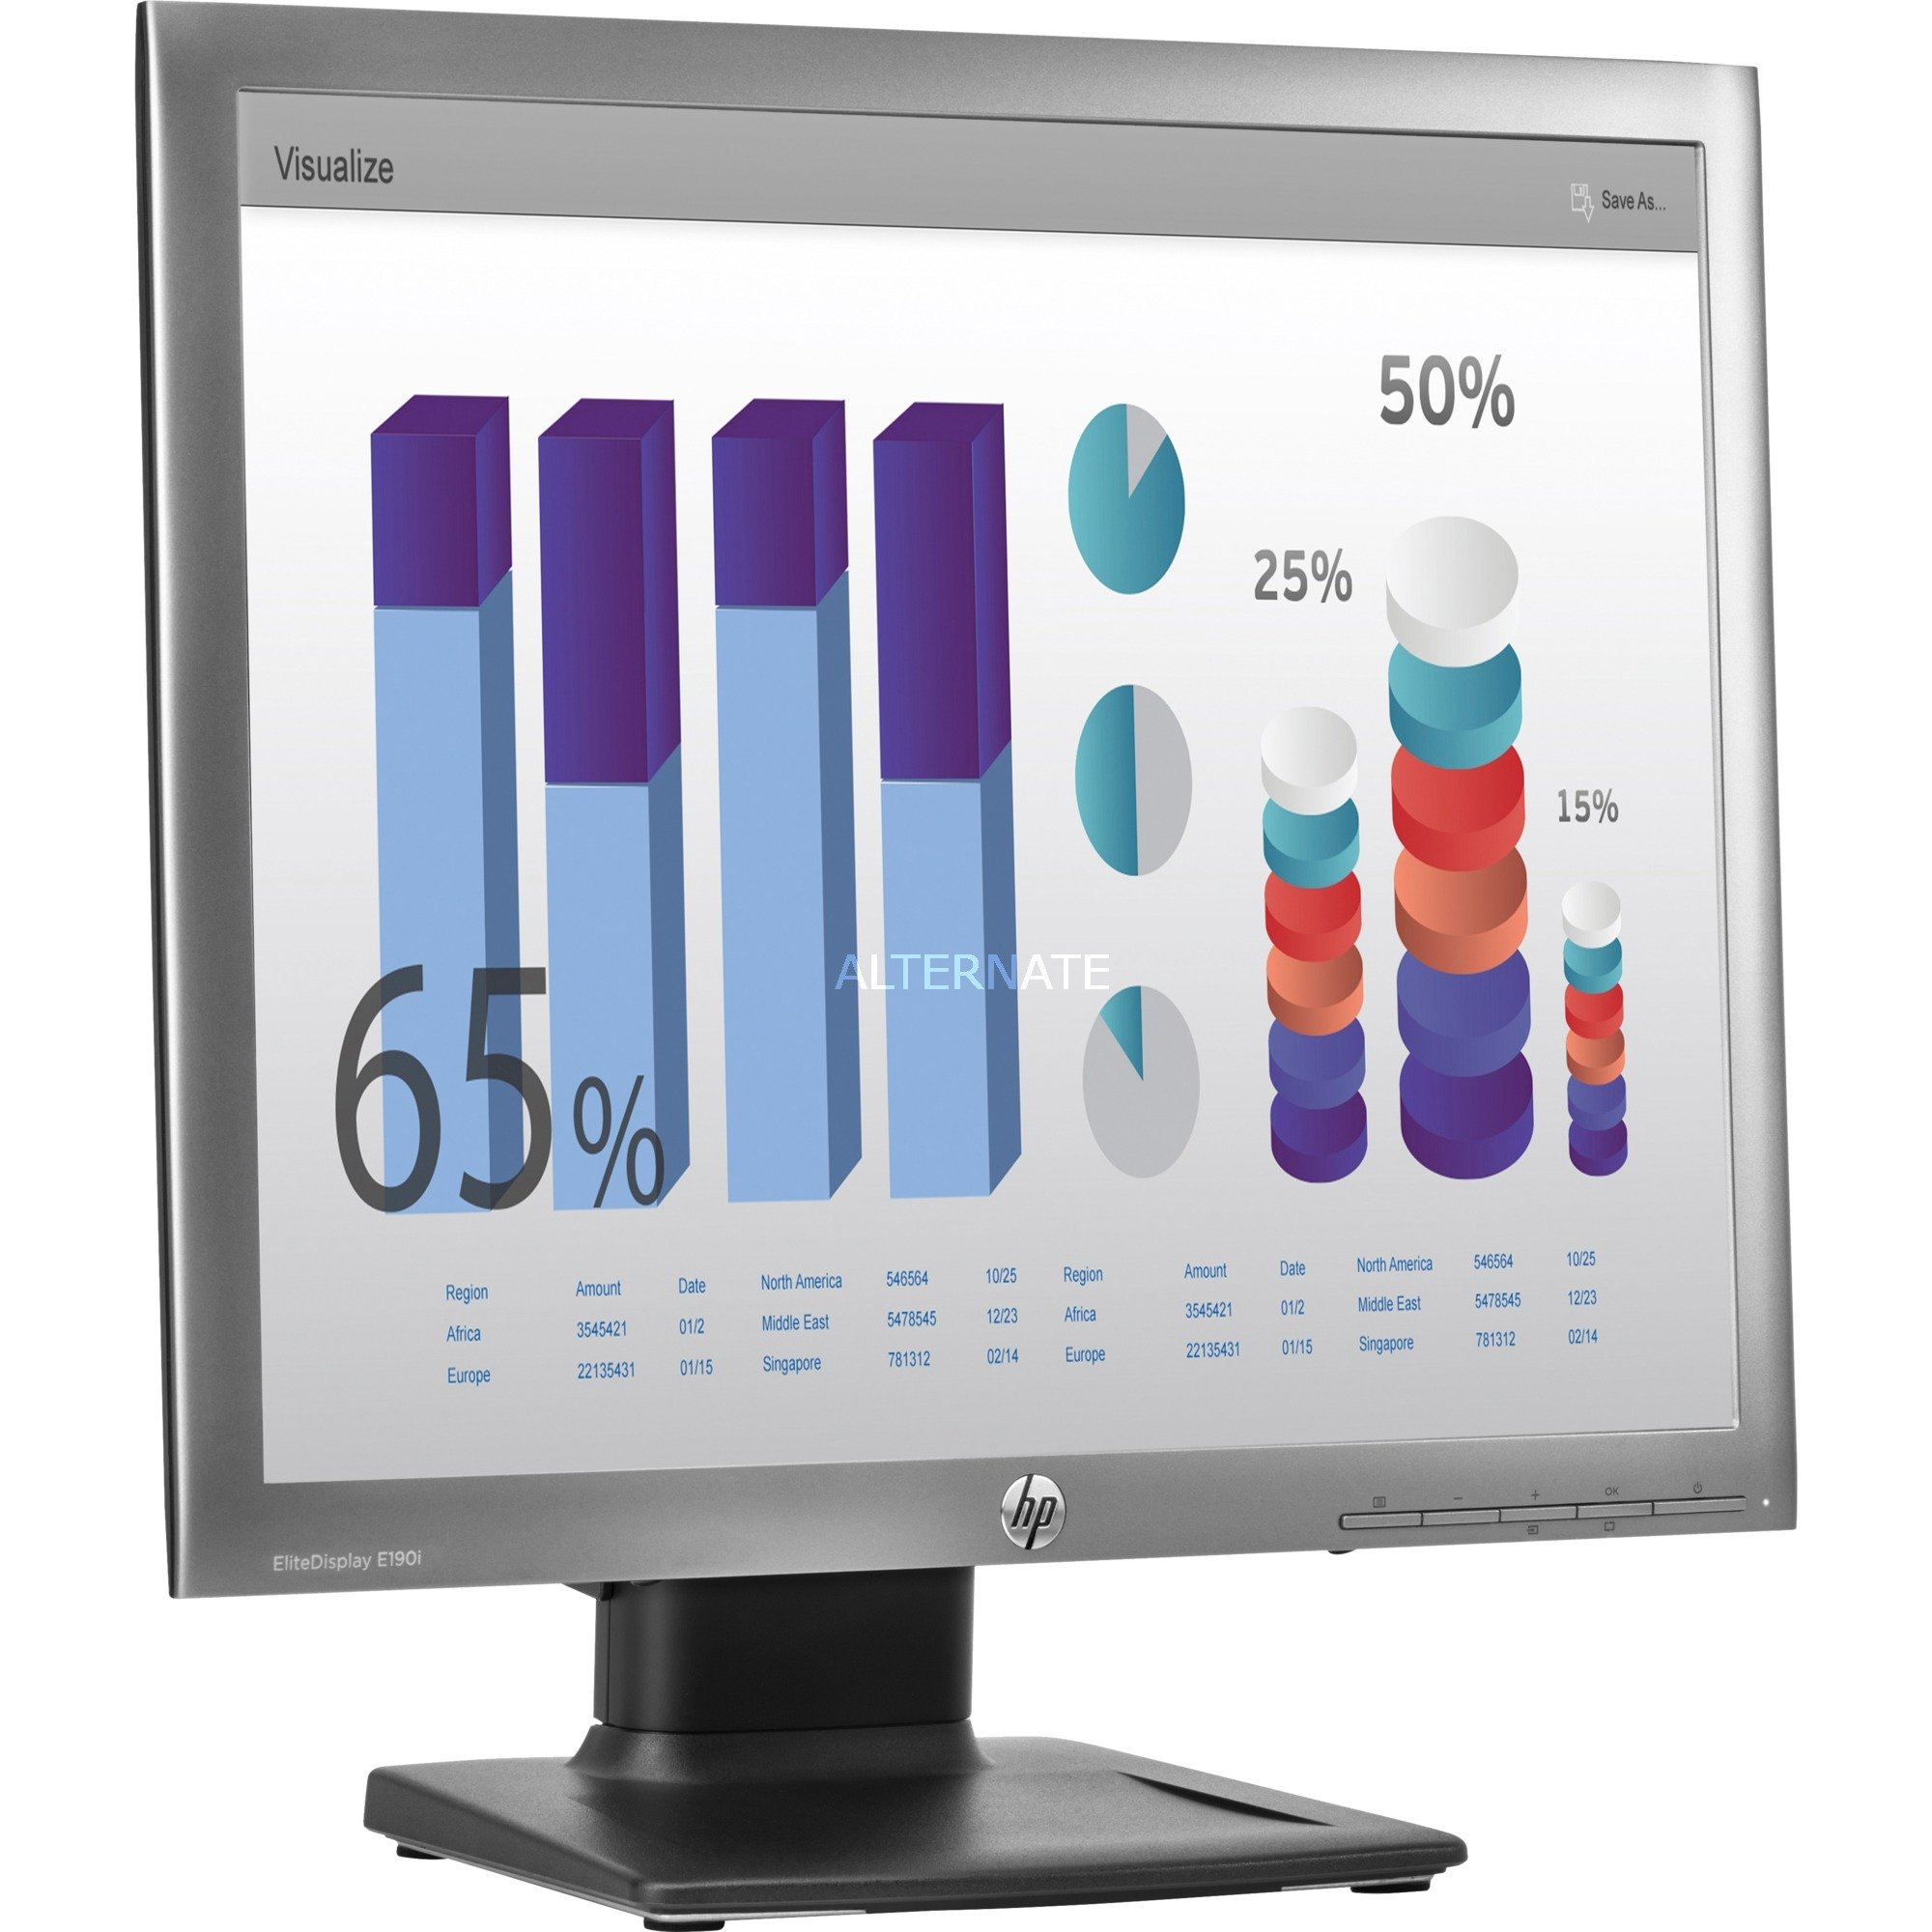 Ecran à rétroéclairage LED EliteDisplay E190i 18,9 pouces, 5:4, Moniteur LED